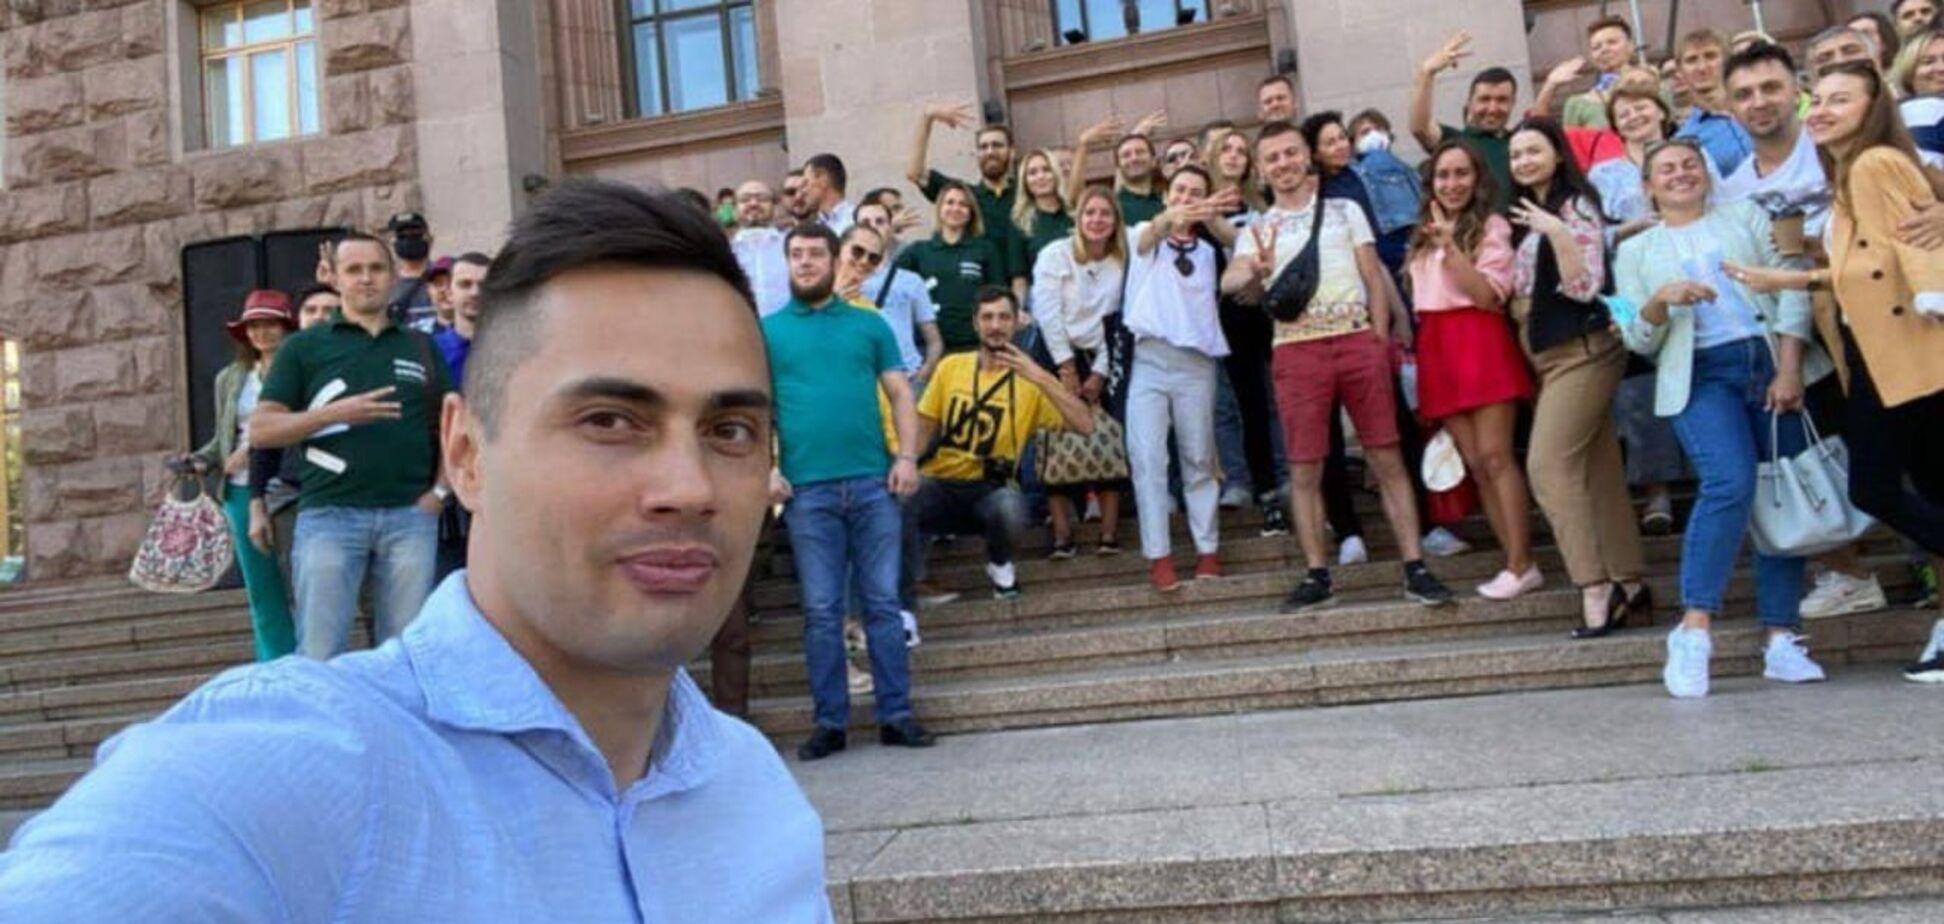 Егор Фирсов сообщил, что 'Екоальтернатива' представила полный список кандидатов на выборы. Фото: Рубрика